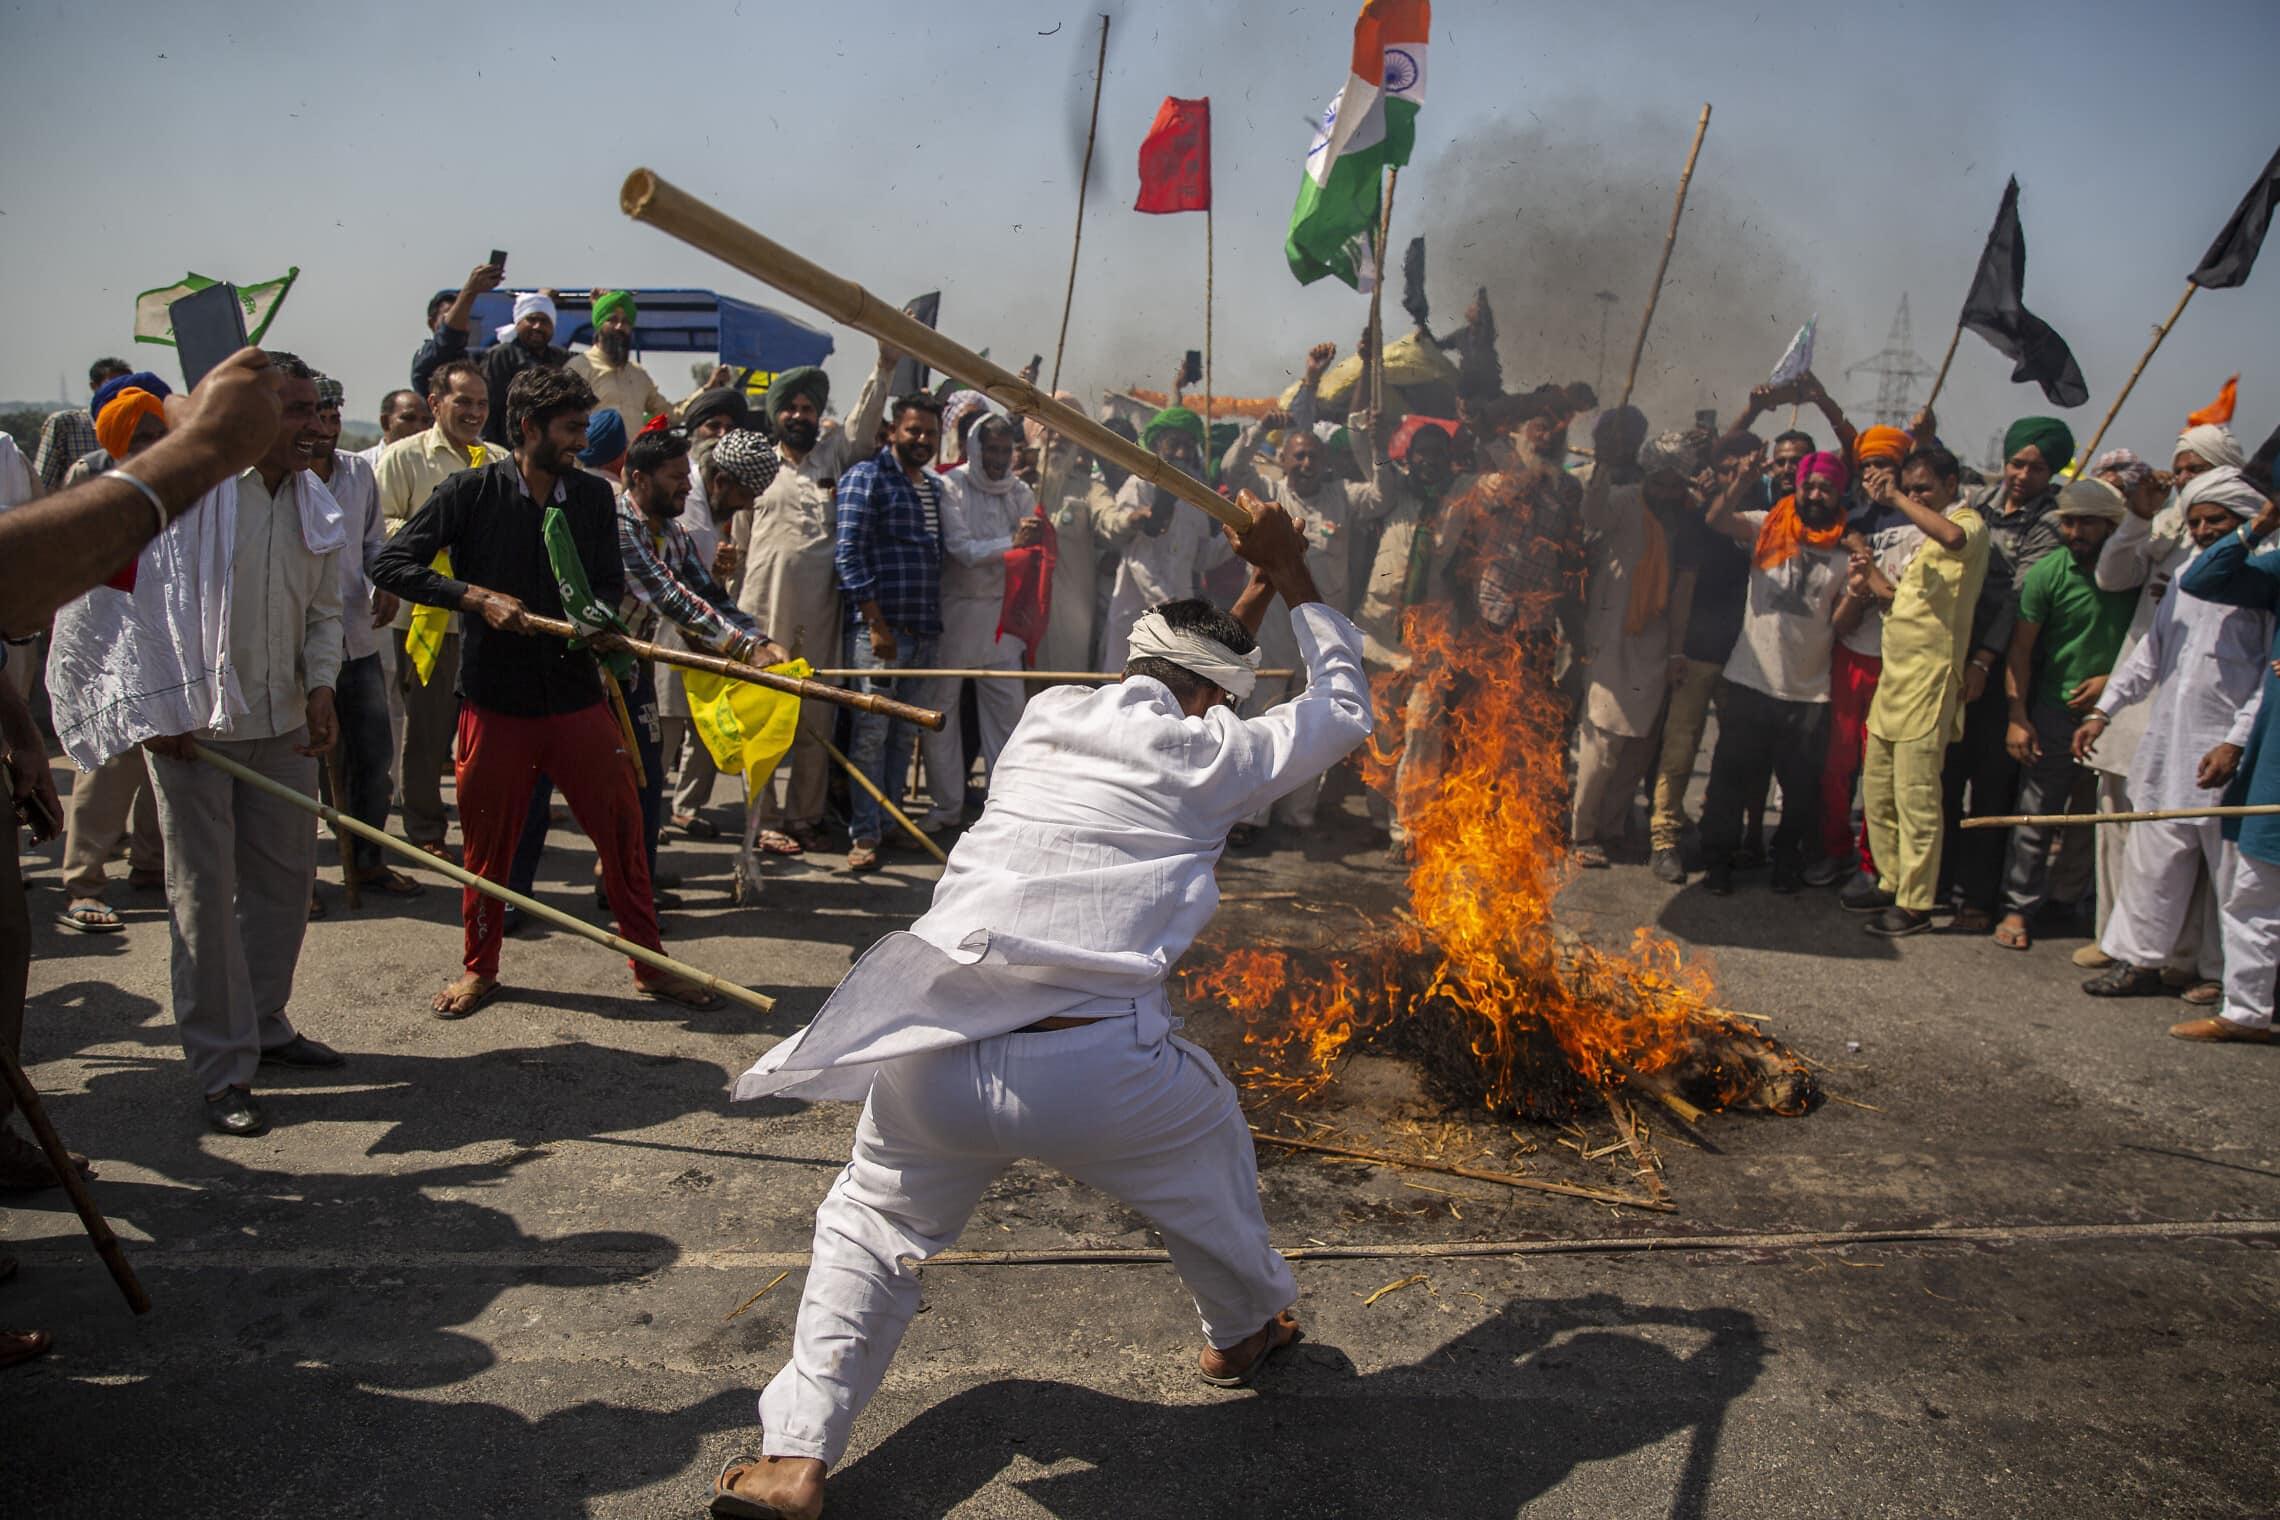 מחאת החקלאים בניו דלהי, הודו, ב-6 במרץ 2021 (צילום: AP Photo/Altaf Qadri)